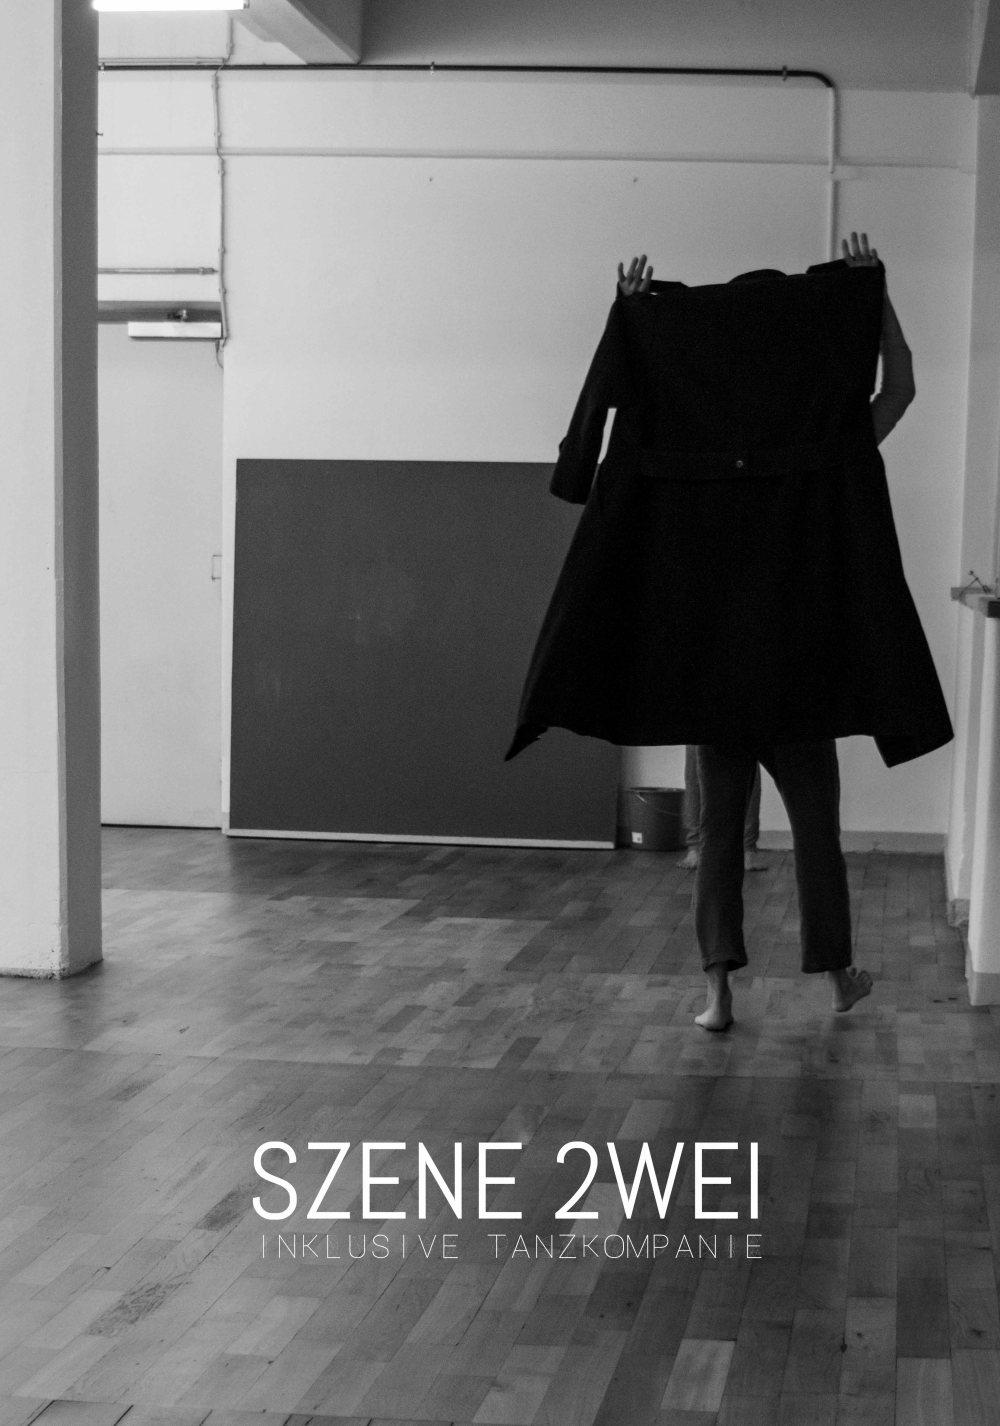 13-scene2wei-7276